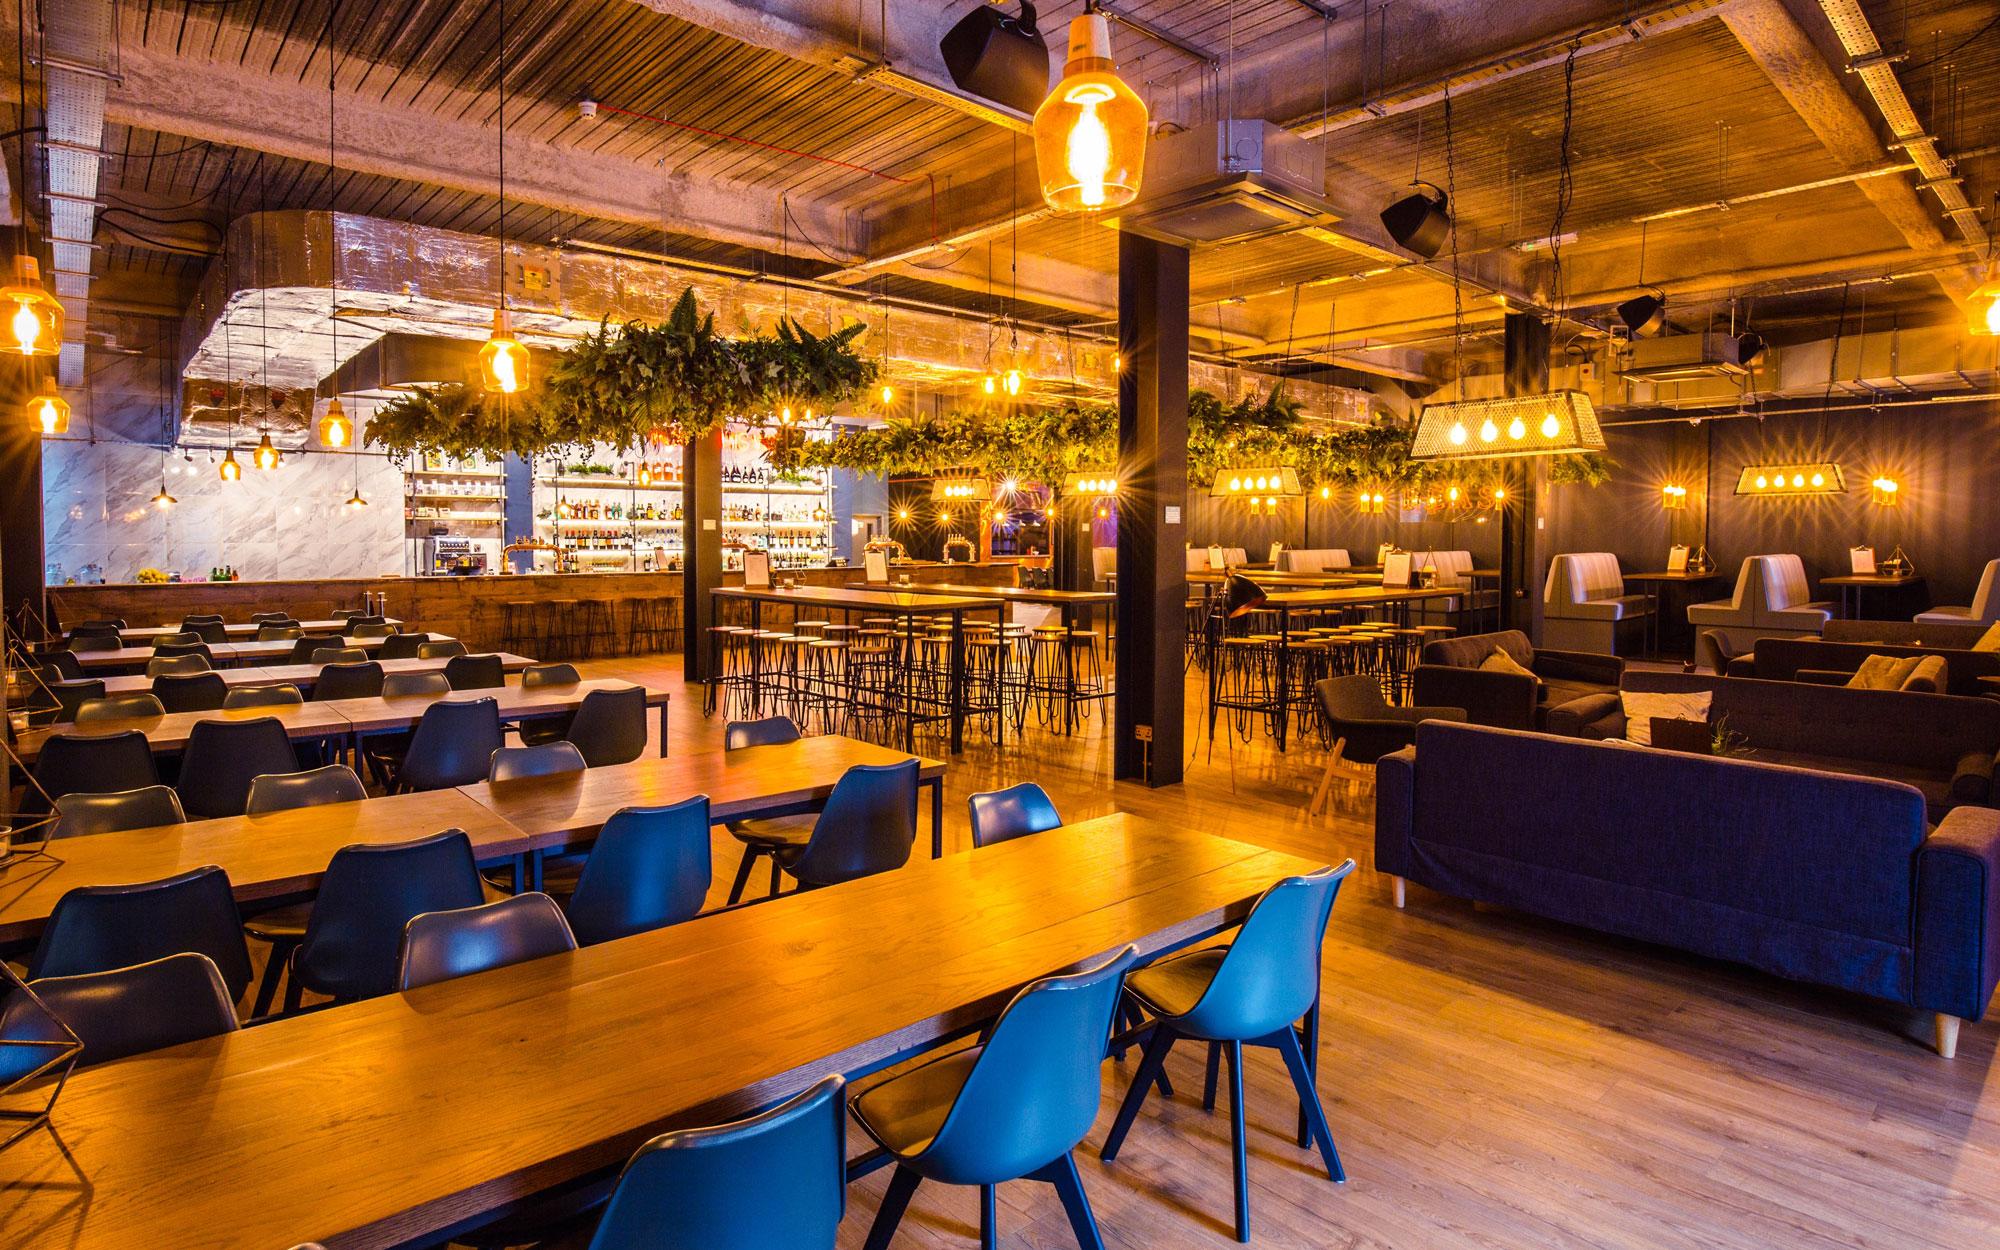 studio kitchen event space restaurant bar